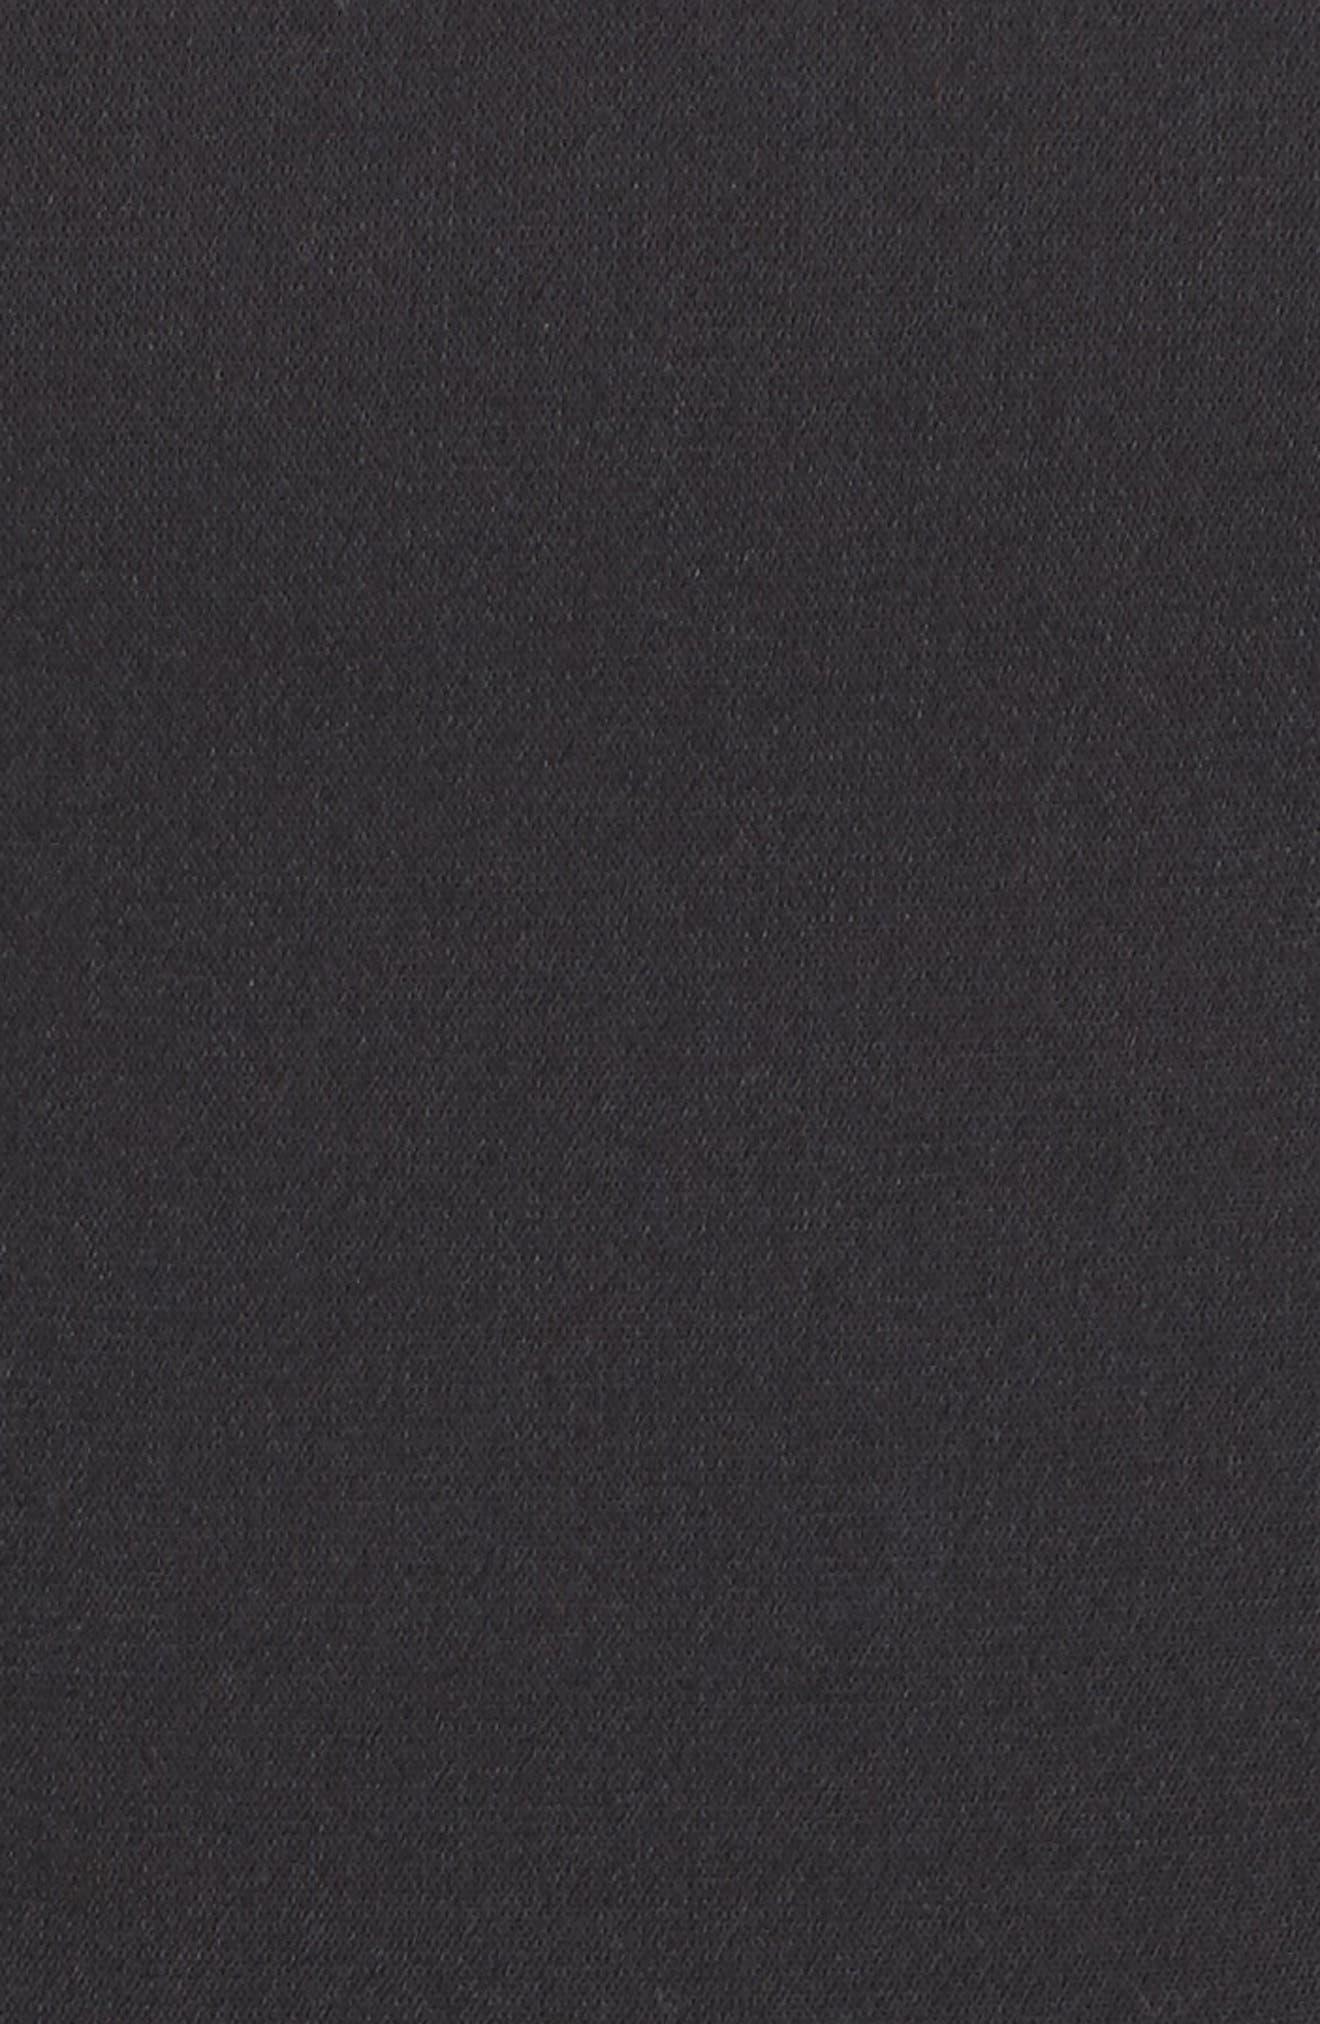 Whisper Light Fit & Flare Dress,                             Alternate thumbnail 7, color,                             BLACK